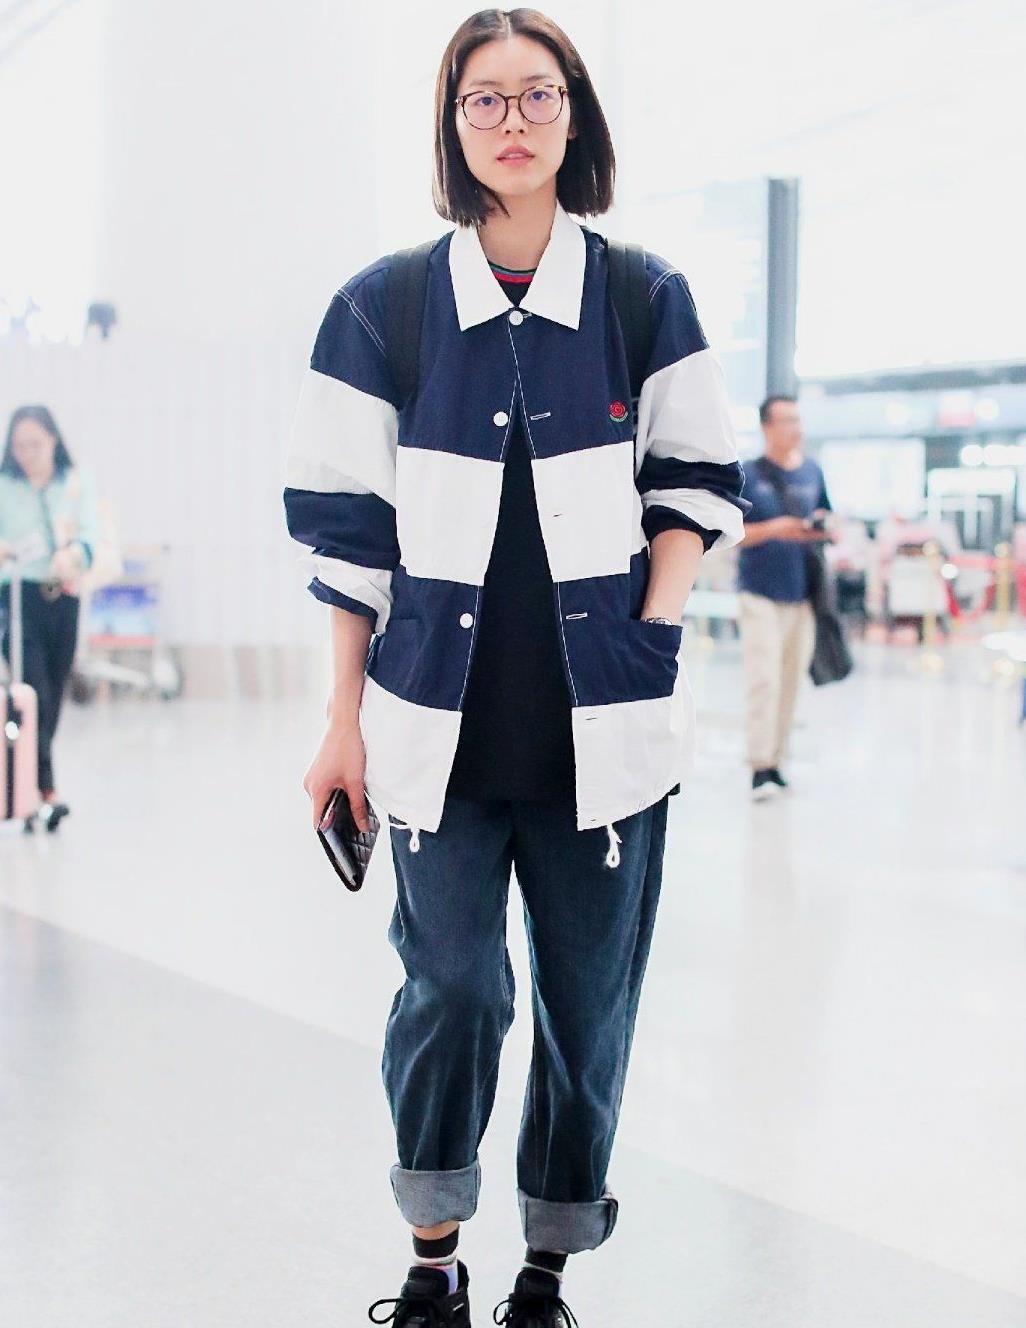 刘雯中性风走机场,再现超模气场,虽无缘国际时装周,却够国模风